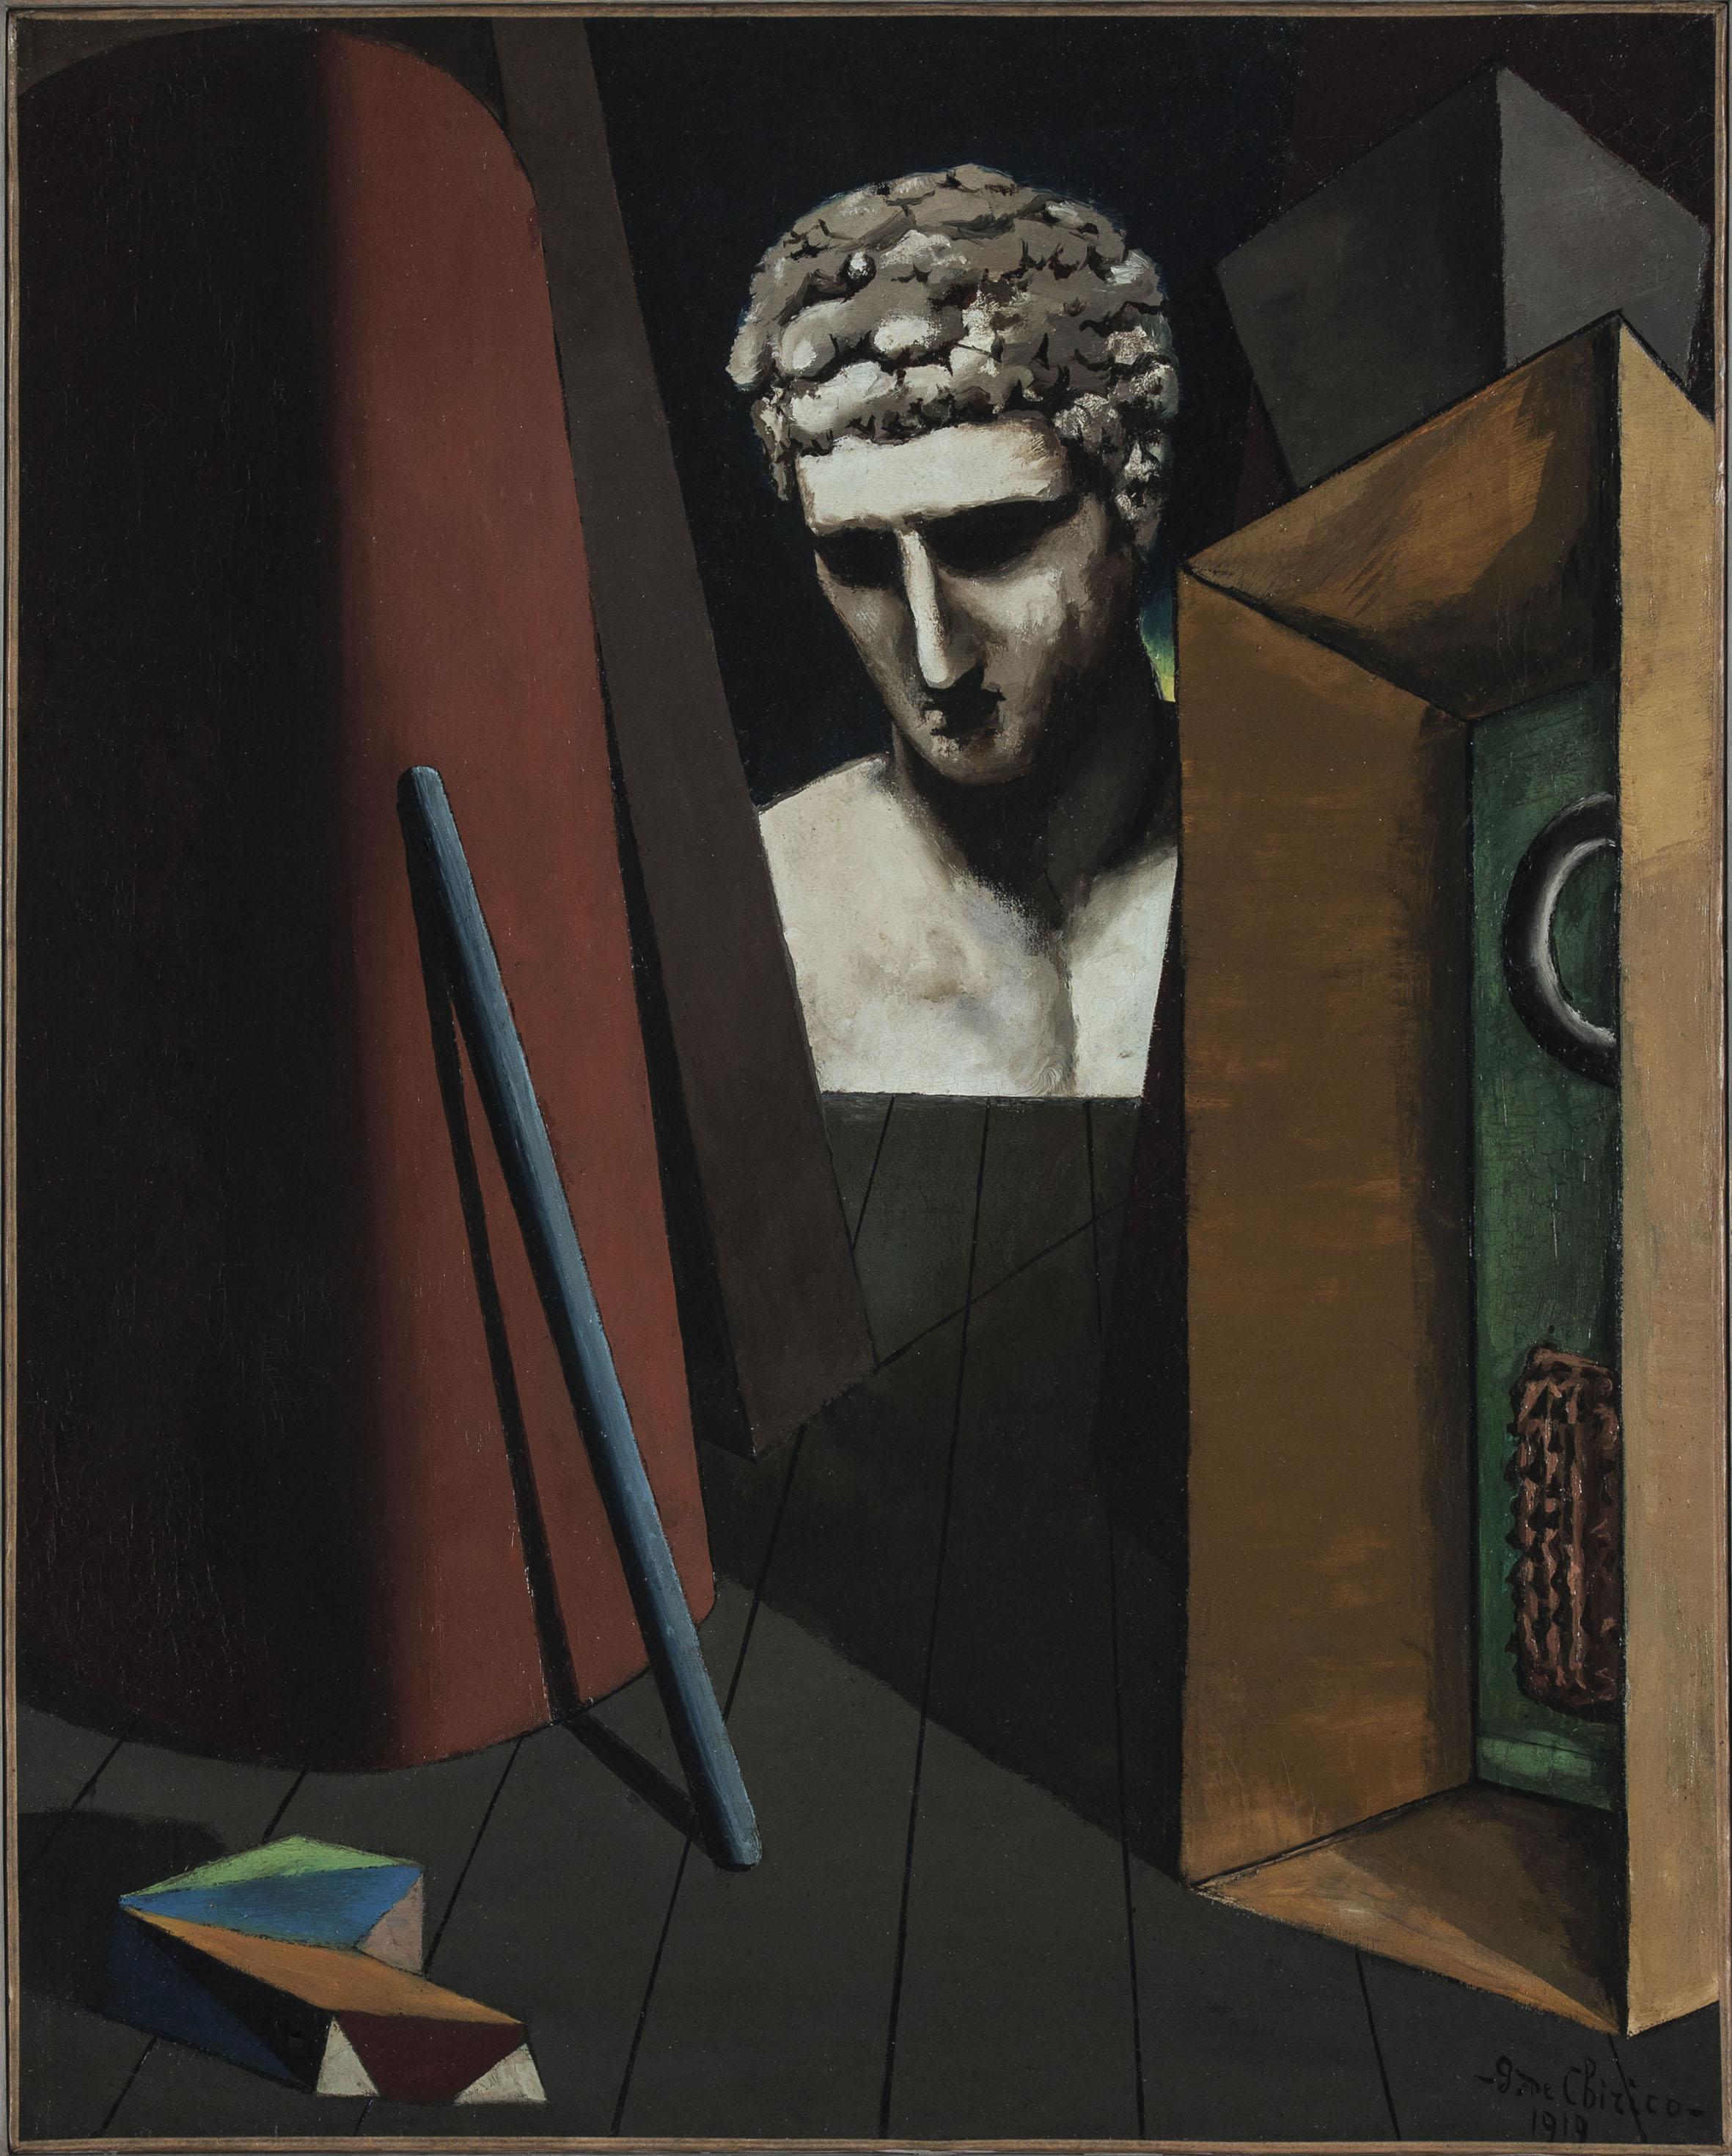 Giorgio de Chirico, Malinconia ermetica, 1919, Olio su tela, Musée d'Art Moderne de la Ville de Par